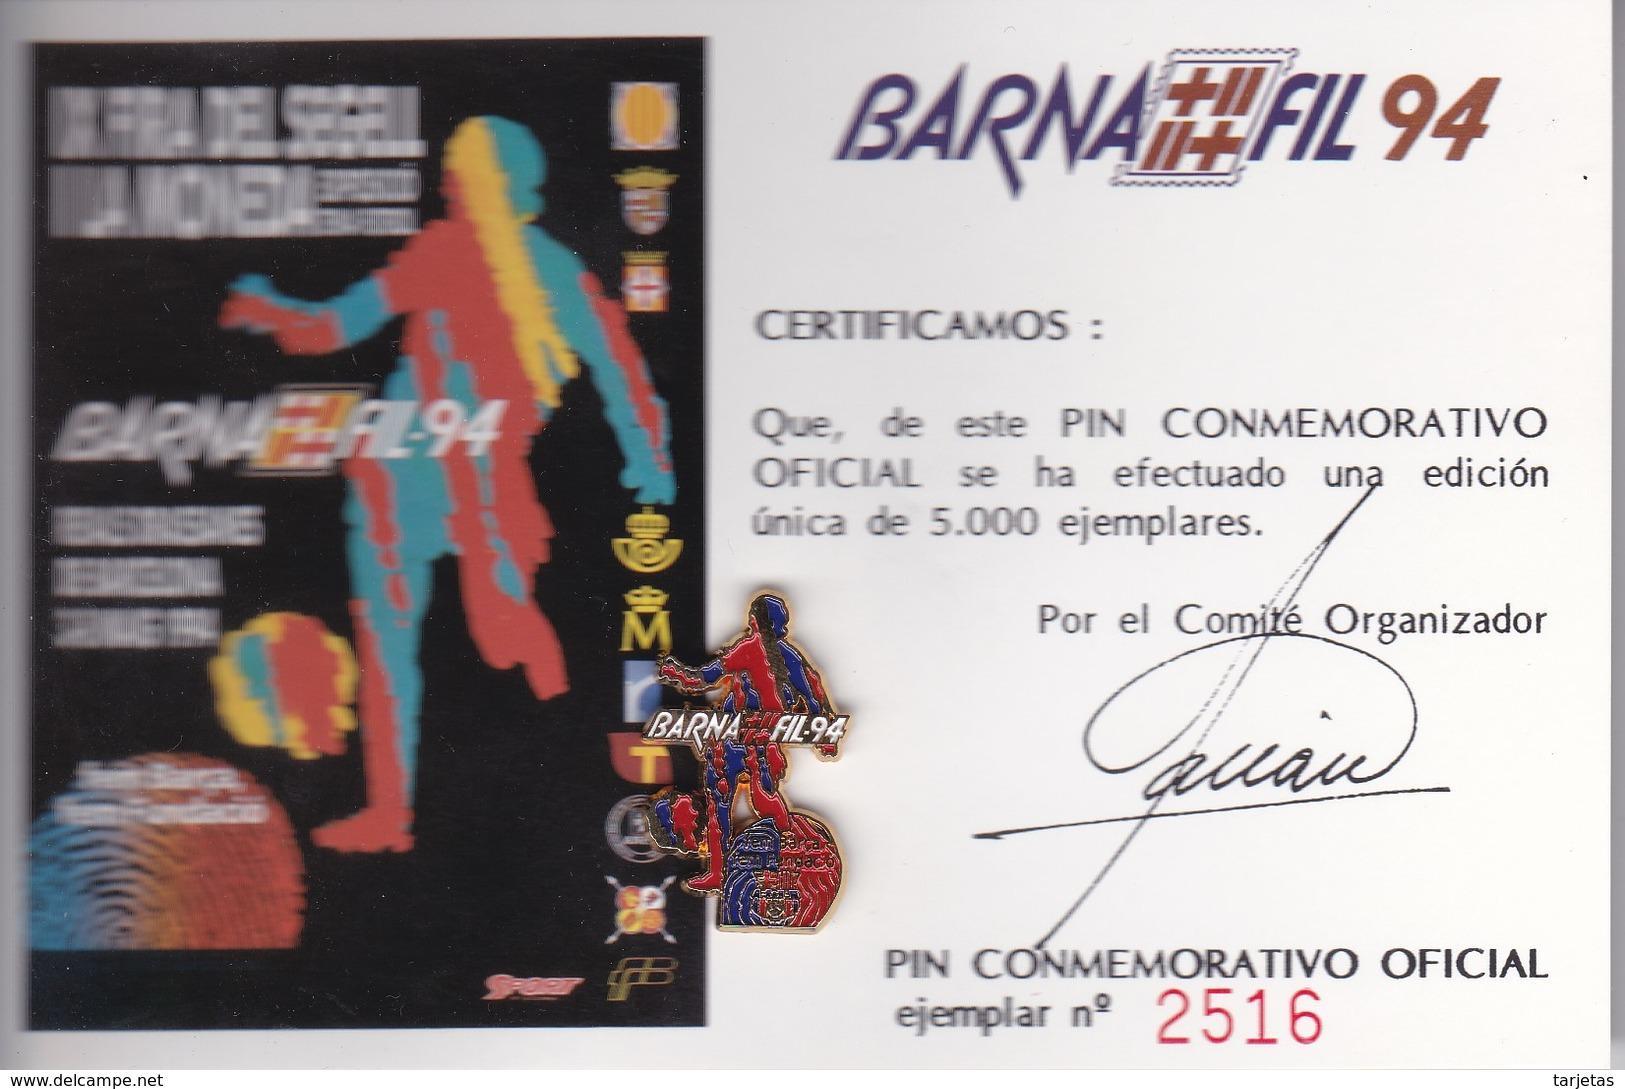 PIN CONMEMORATIVO BARNAFIL 94 DEL FUTBOL CLUB BARCELONA TIRADA LIMITADA 5000 (BARÇA FUNDACIO) - Fútbol